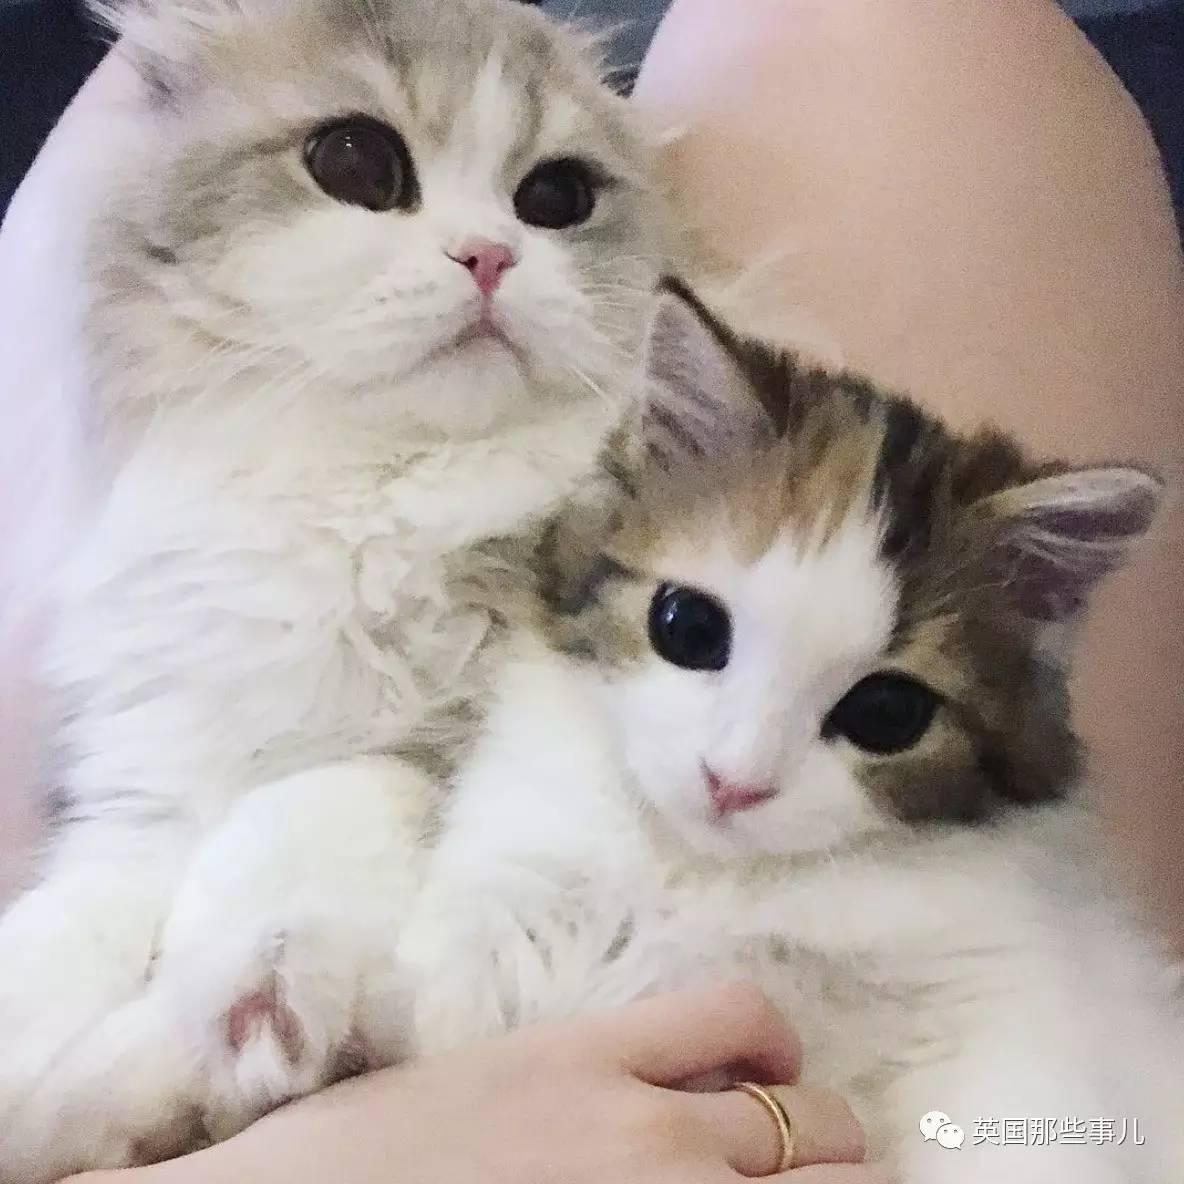 一对眼睛超级大大大的喵兄妹,哥哥高冷妹妹软萌,简直太可爱了啊啊啊